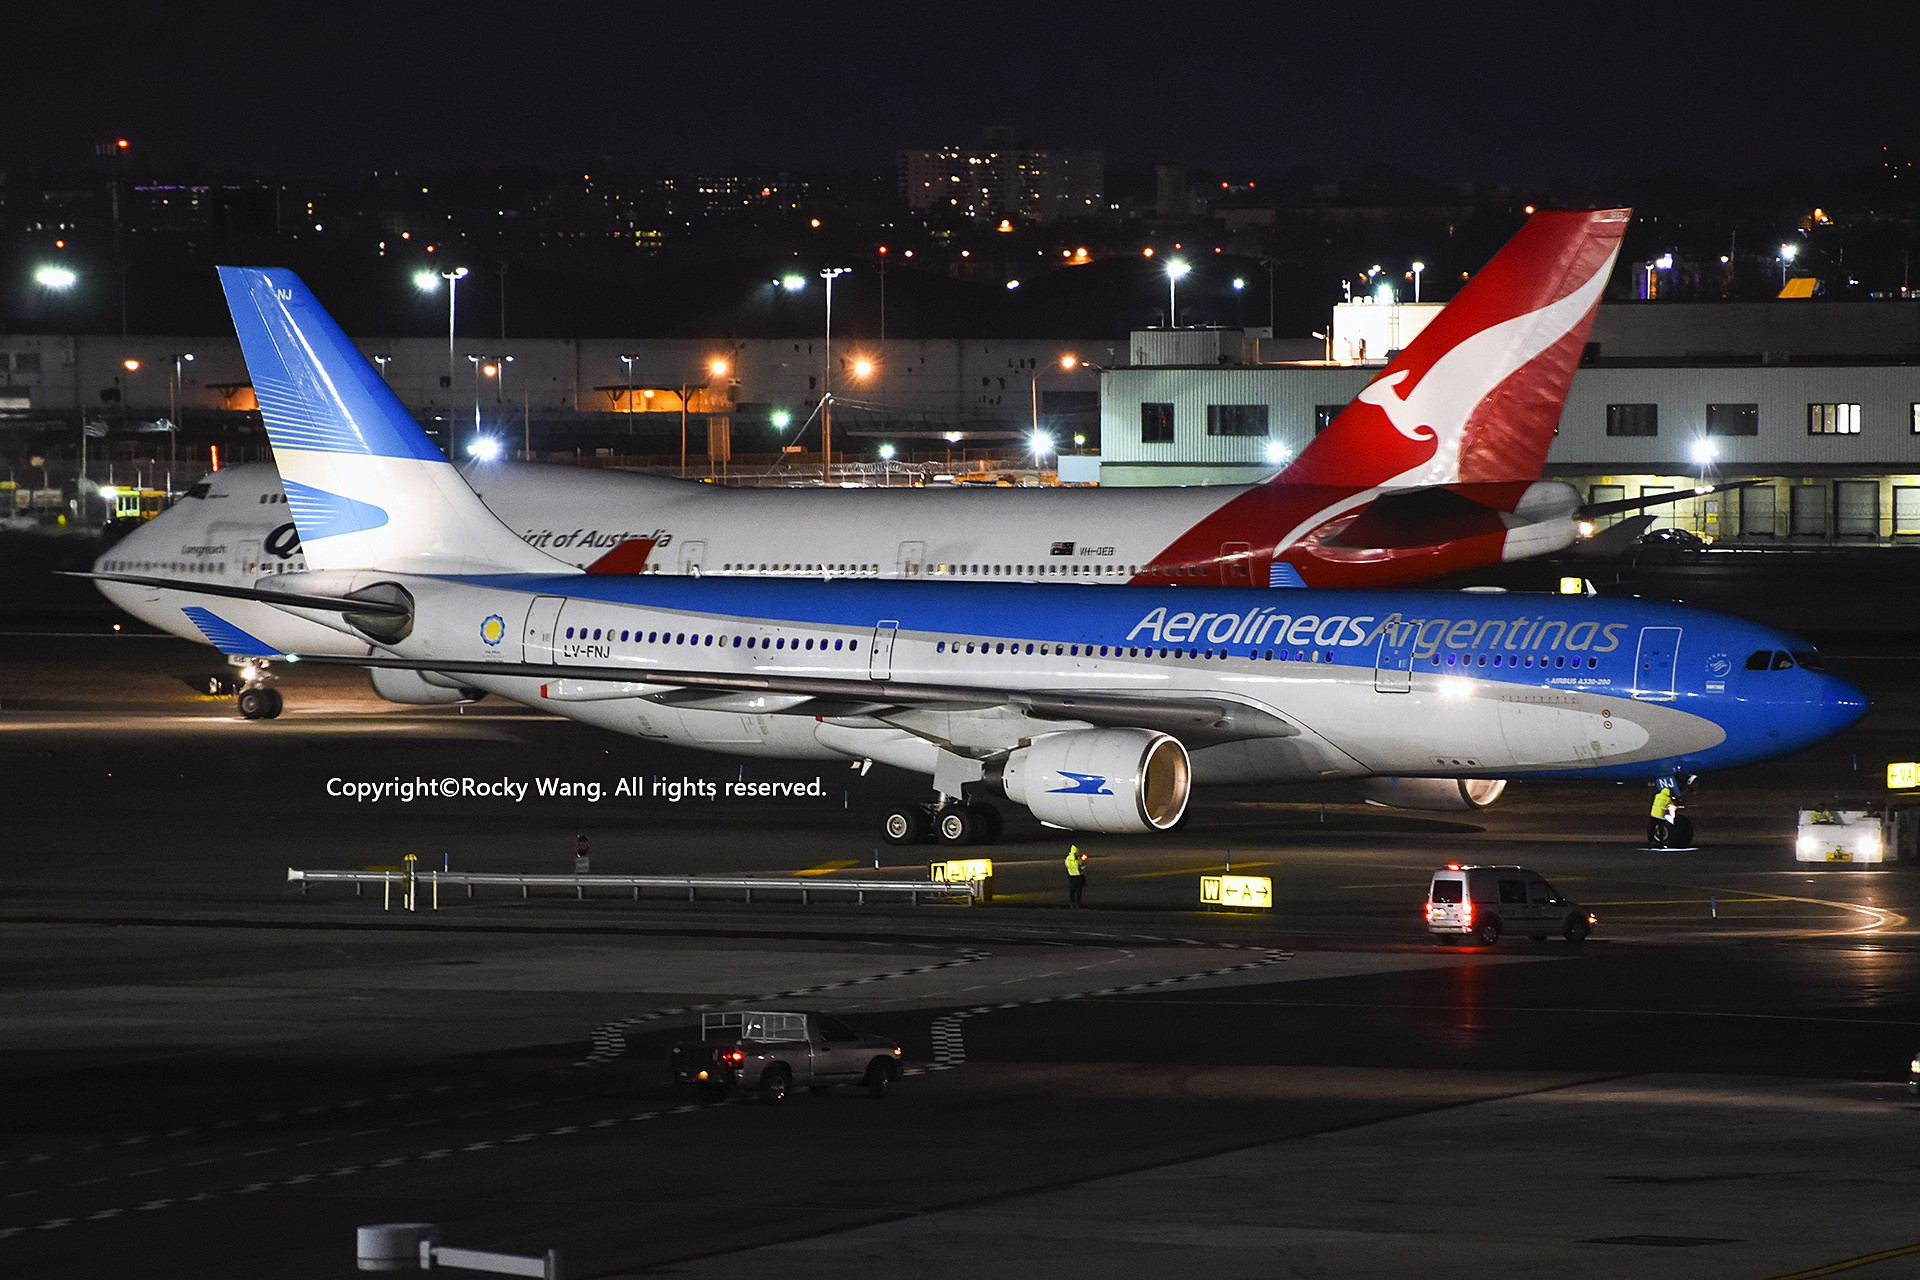 Re:[原创]KJFK 30图 AIRBUS A330-223 LV-FNJ New York John F. Kennedy Int'l Airport